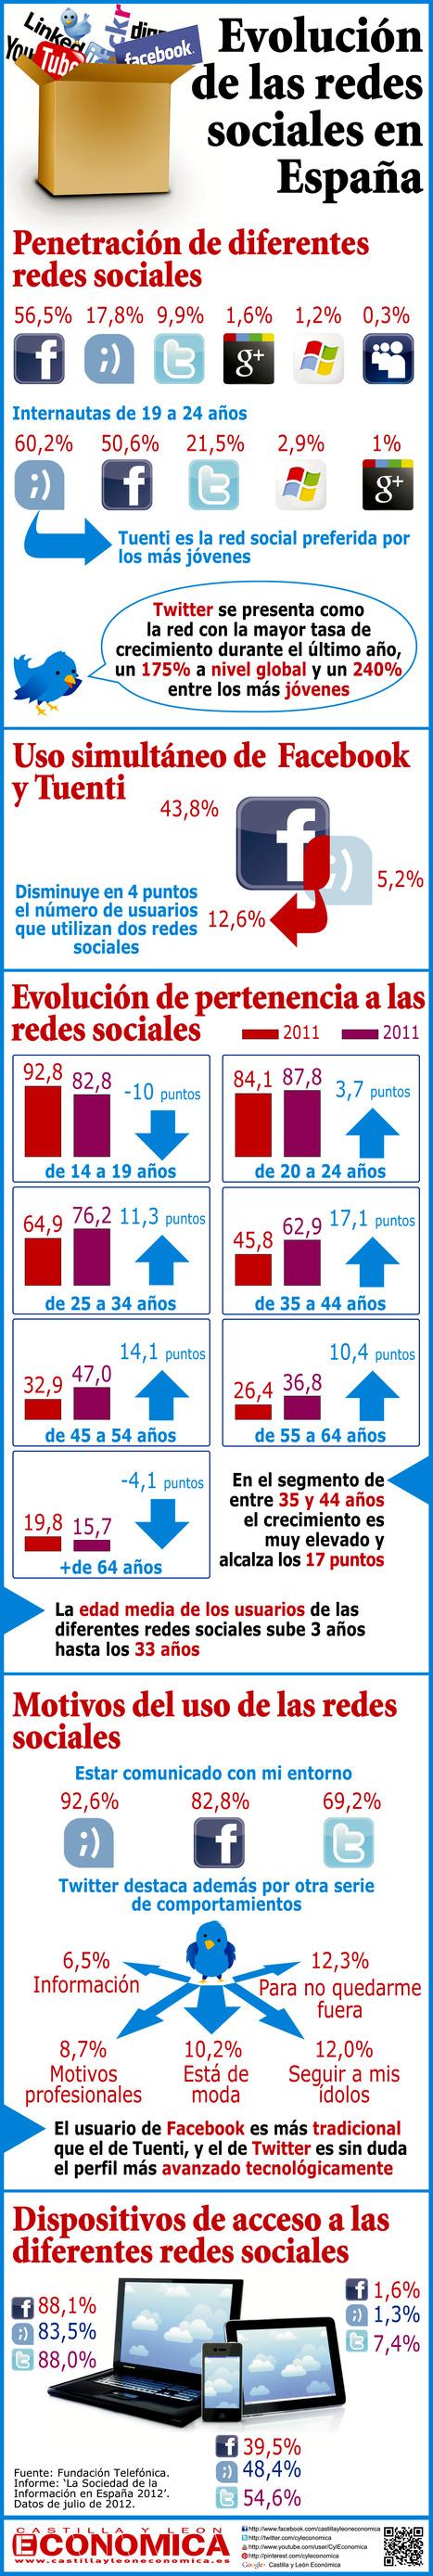 Evolución de las Redes Sociales en España | Educación y redes sociales | Scoop.it